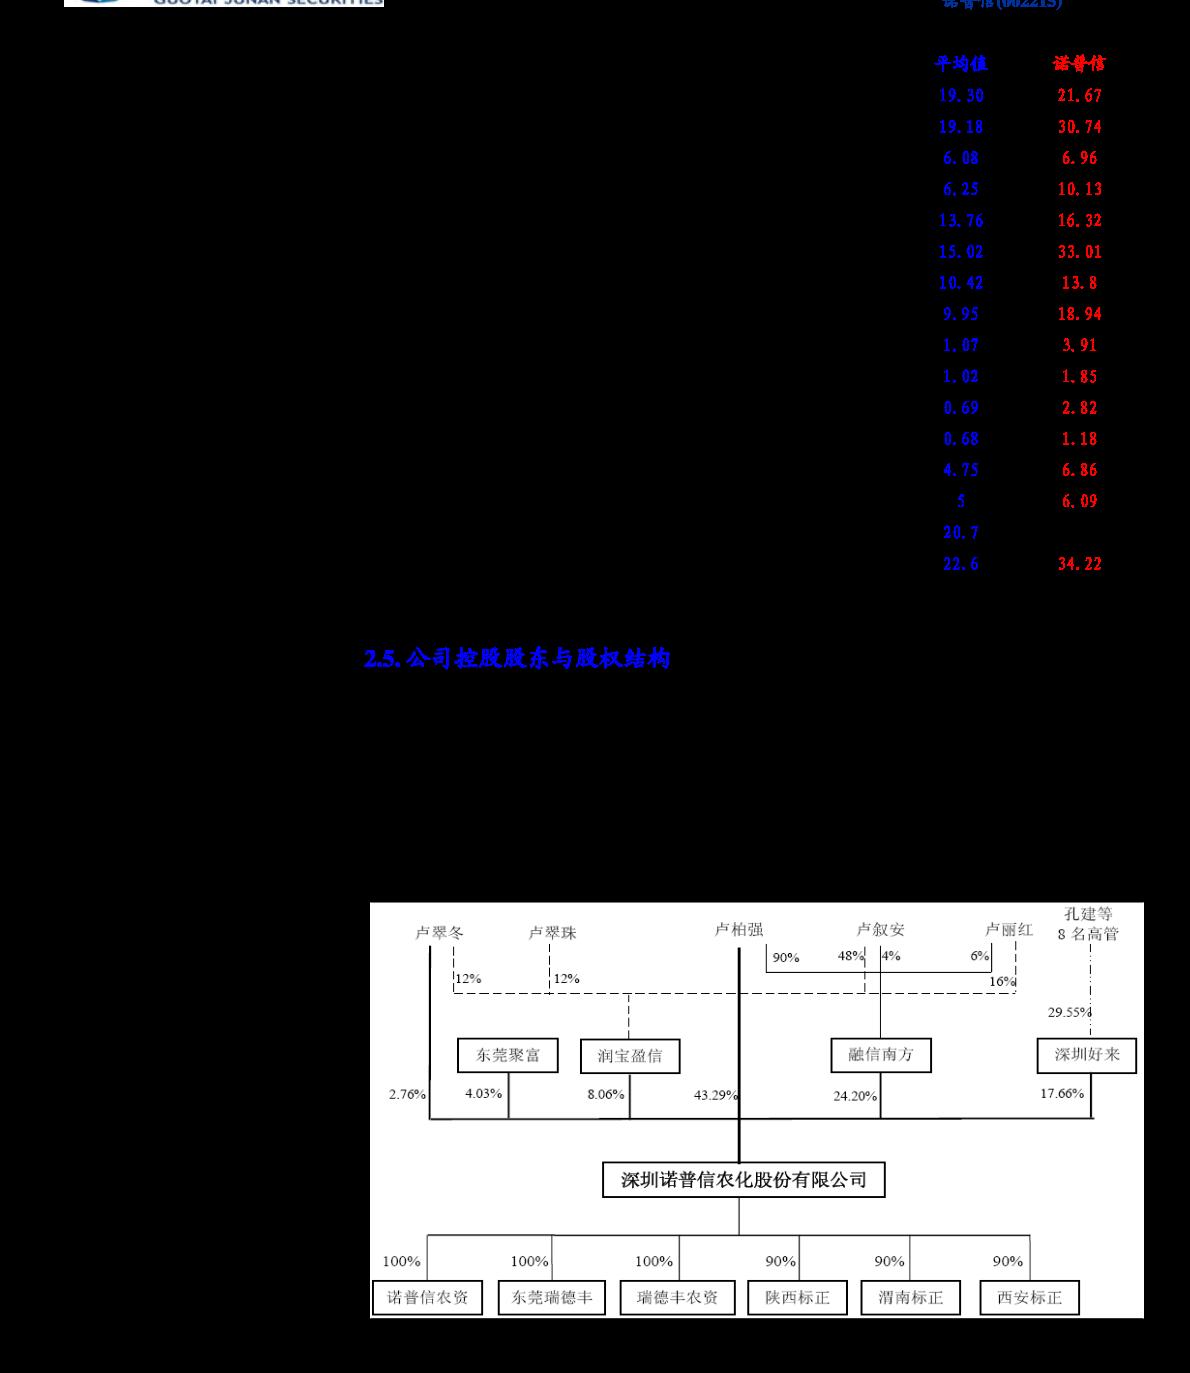 安信雷火电竞平台-比亚迪-002594-比亚迪正式发布DM~i技术平台,有望改变燃油车雷火网址竞争格局-210113